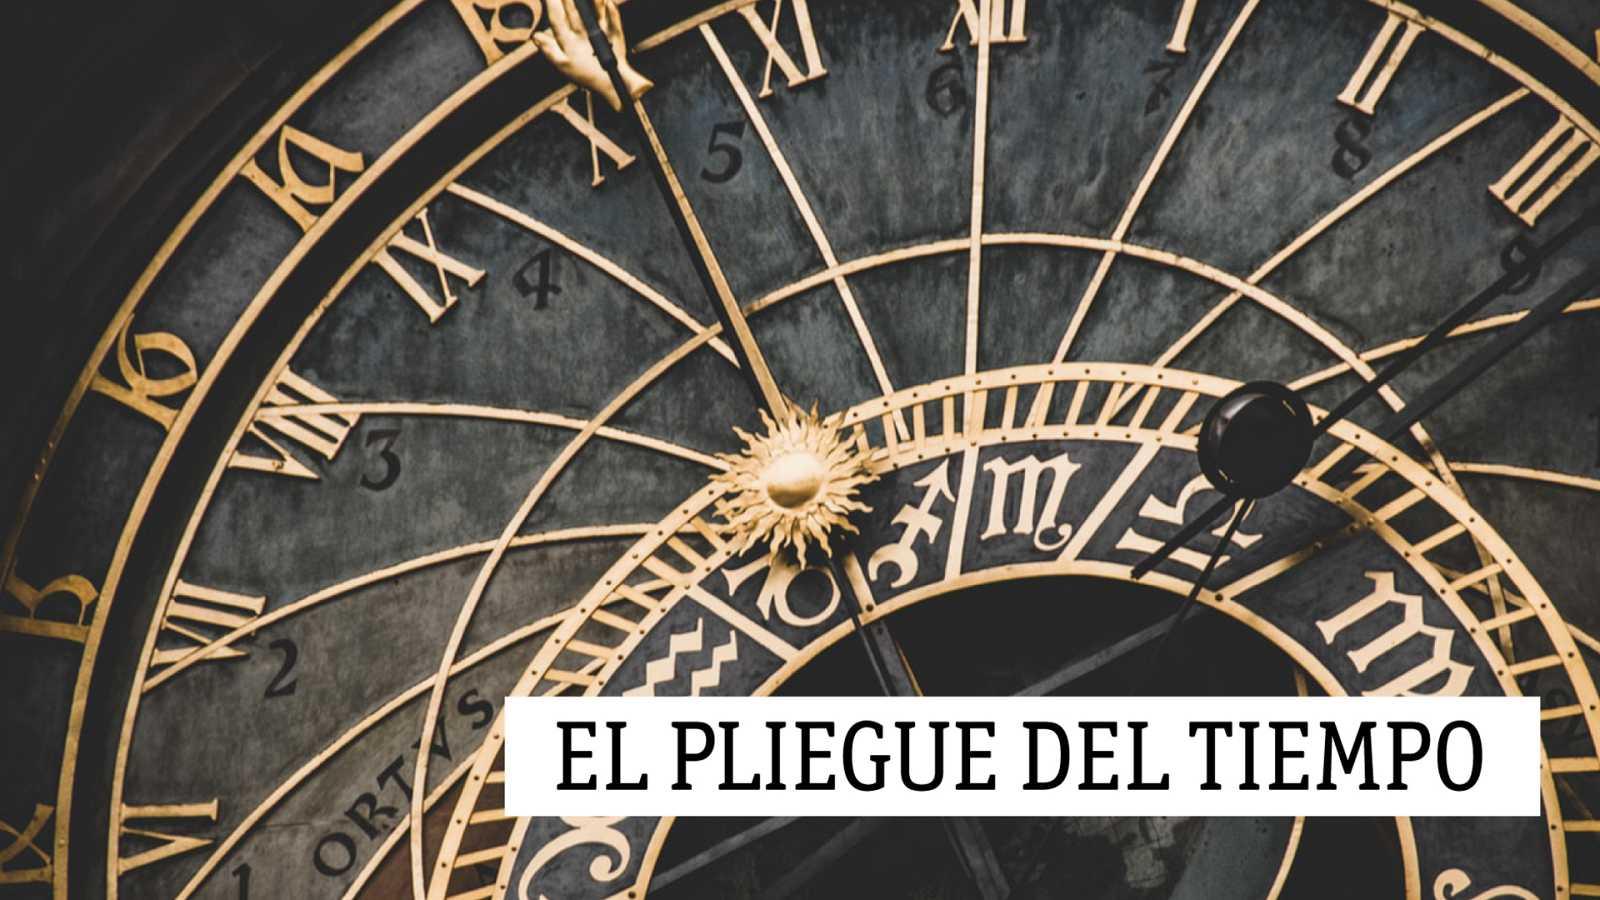 El pliegue del tiempo - Pablo Sorozábal: ballets y memorias - 14/10/20 - escuchar ahora